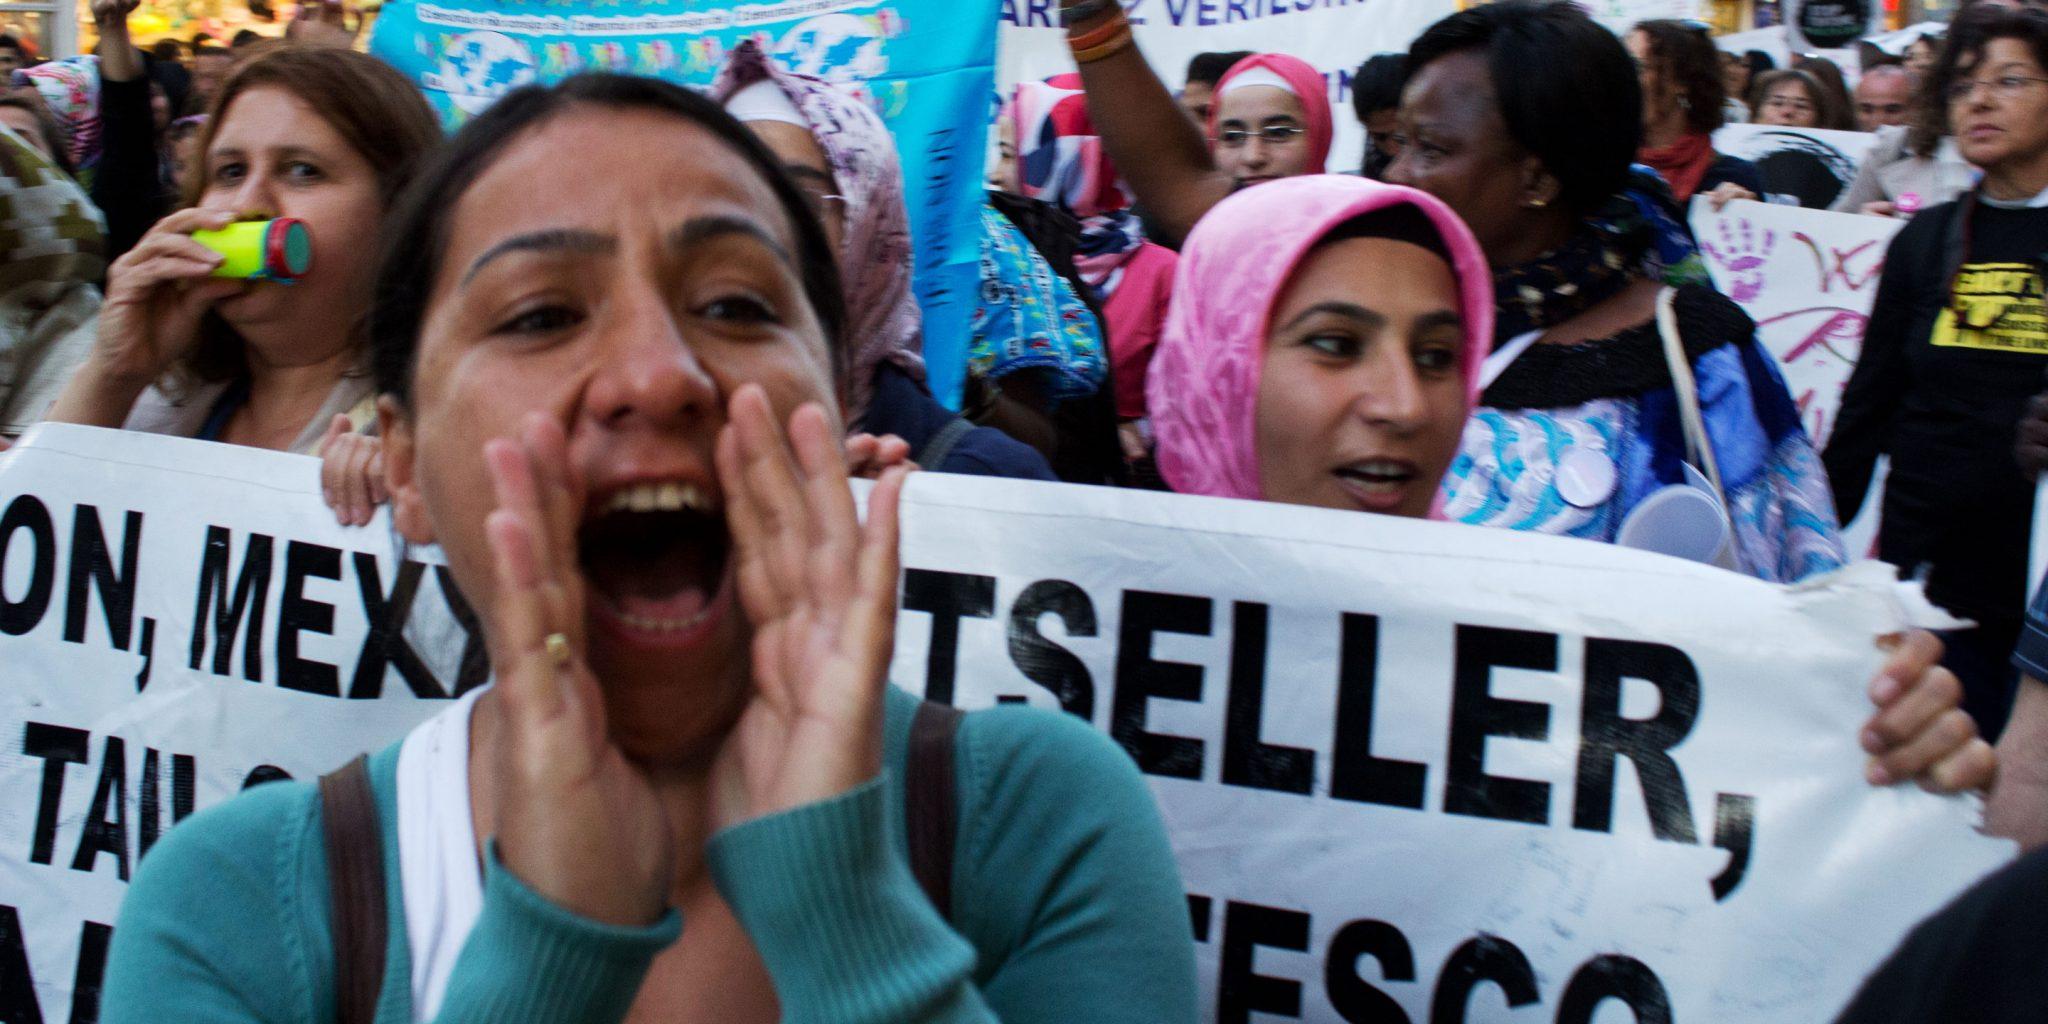 Världens kvinnorättsförsvarare får allt svårare att uttrycka sina åsikter.